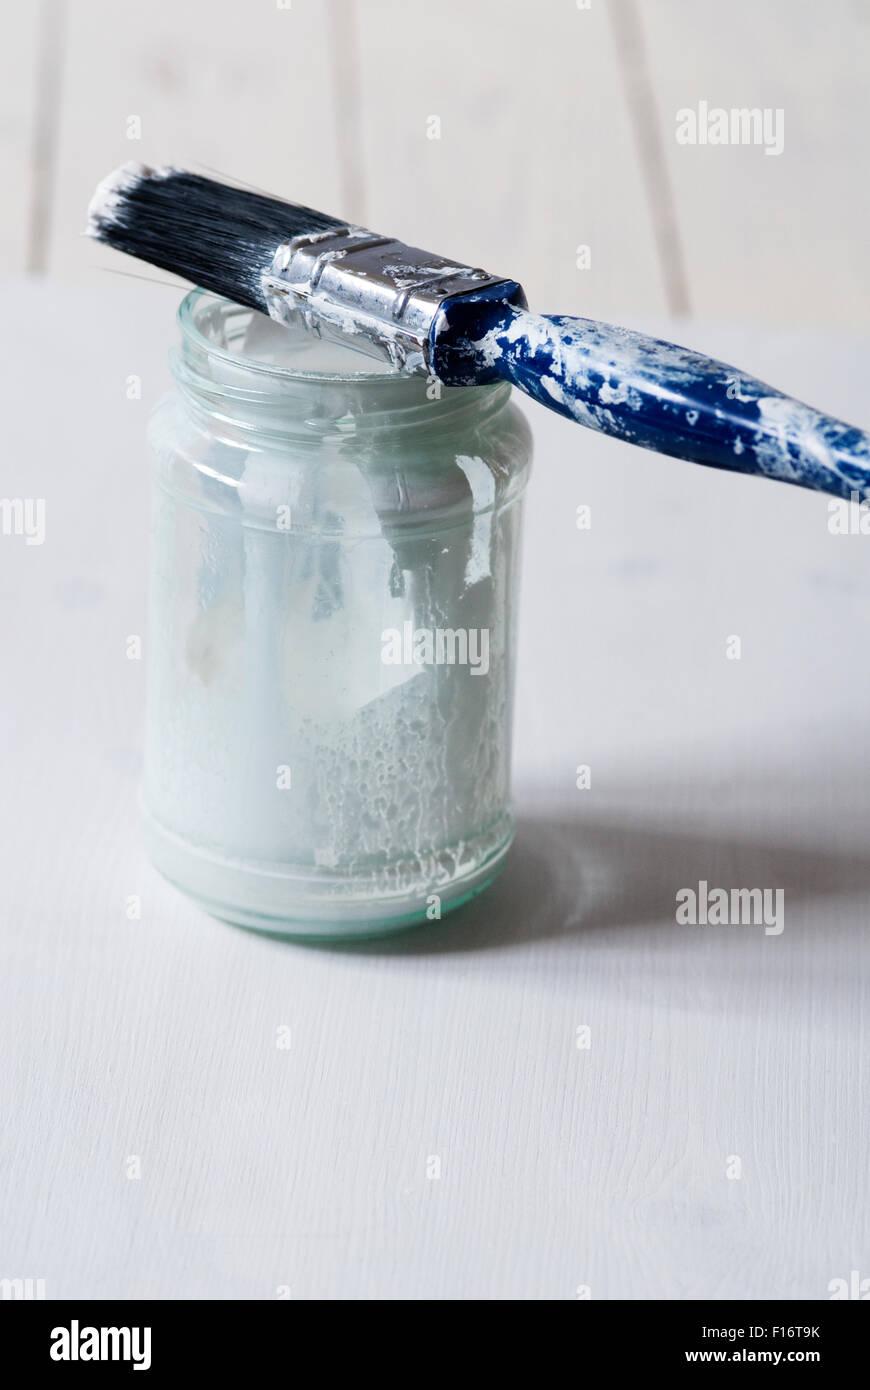 Stillleben mit blau und weiß getönten Objekte Stockbild